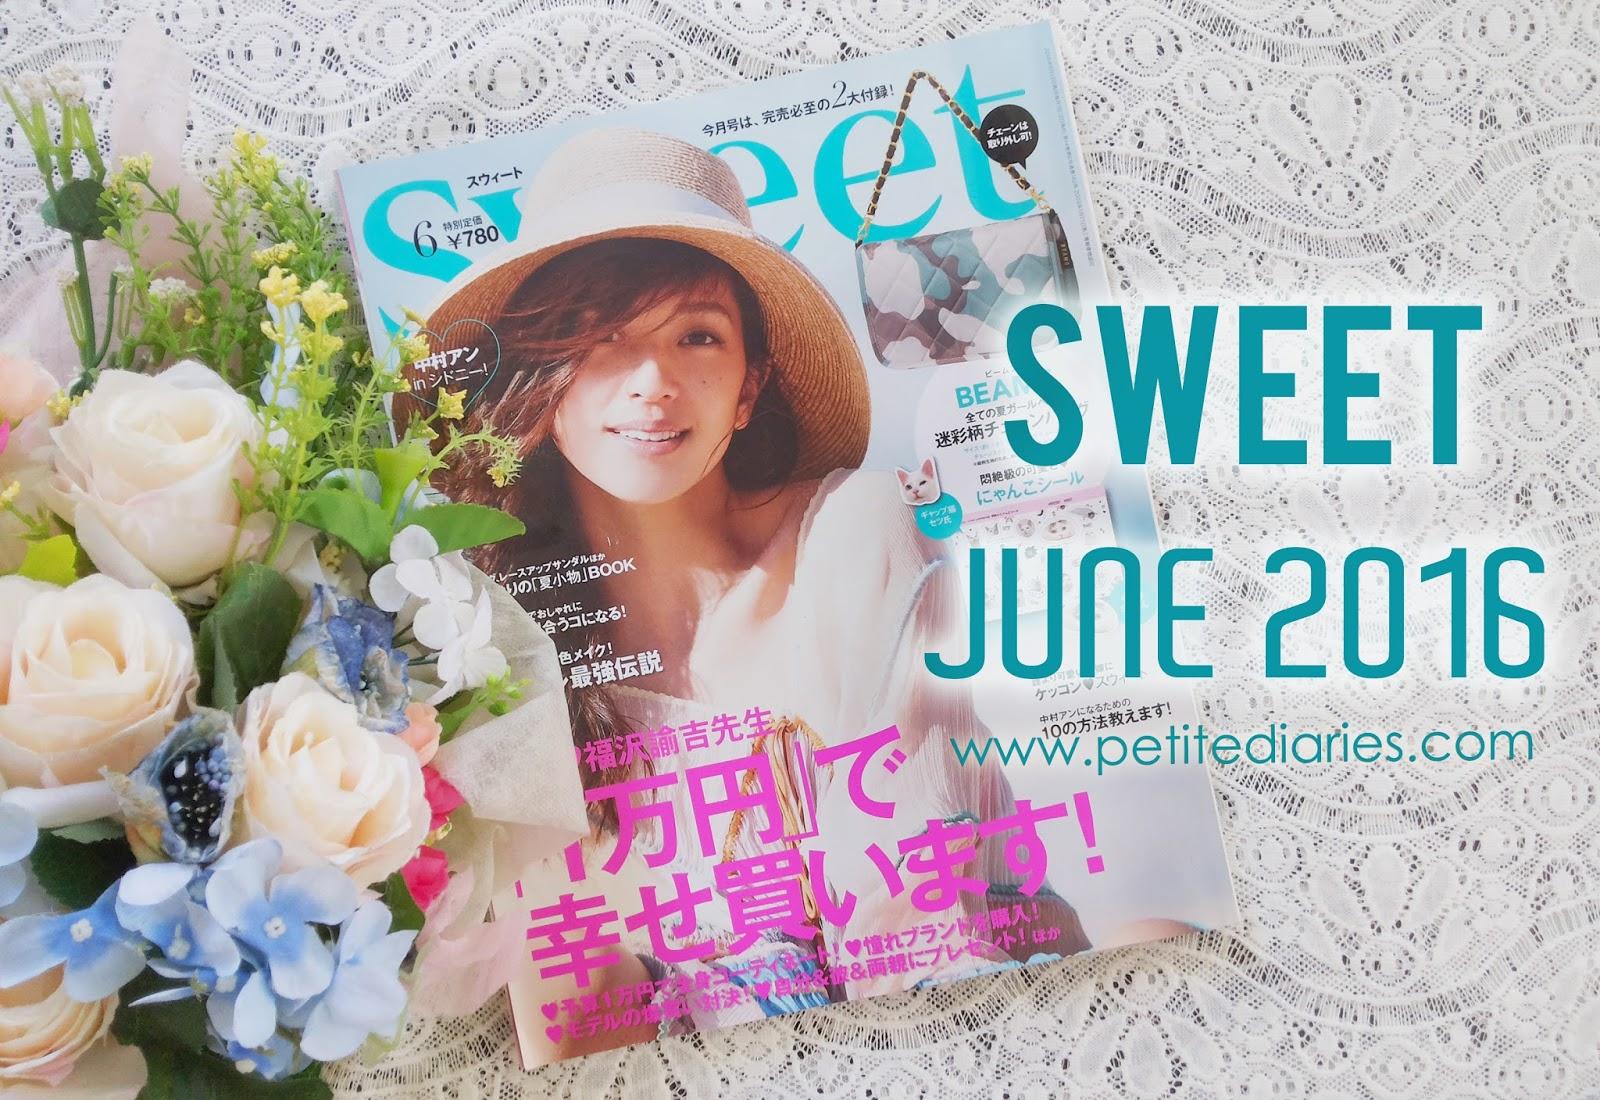 sweet スウィート june 2016